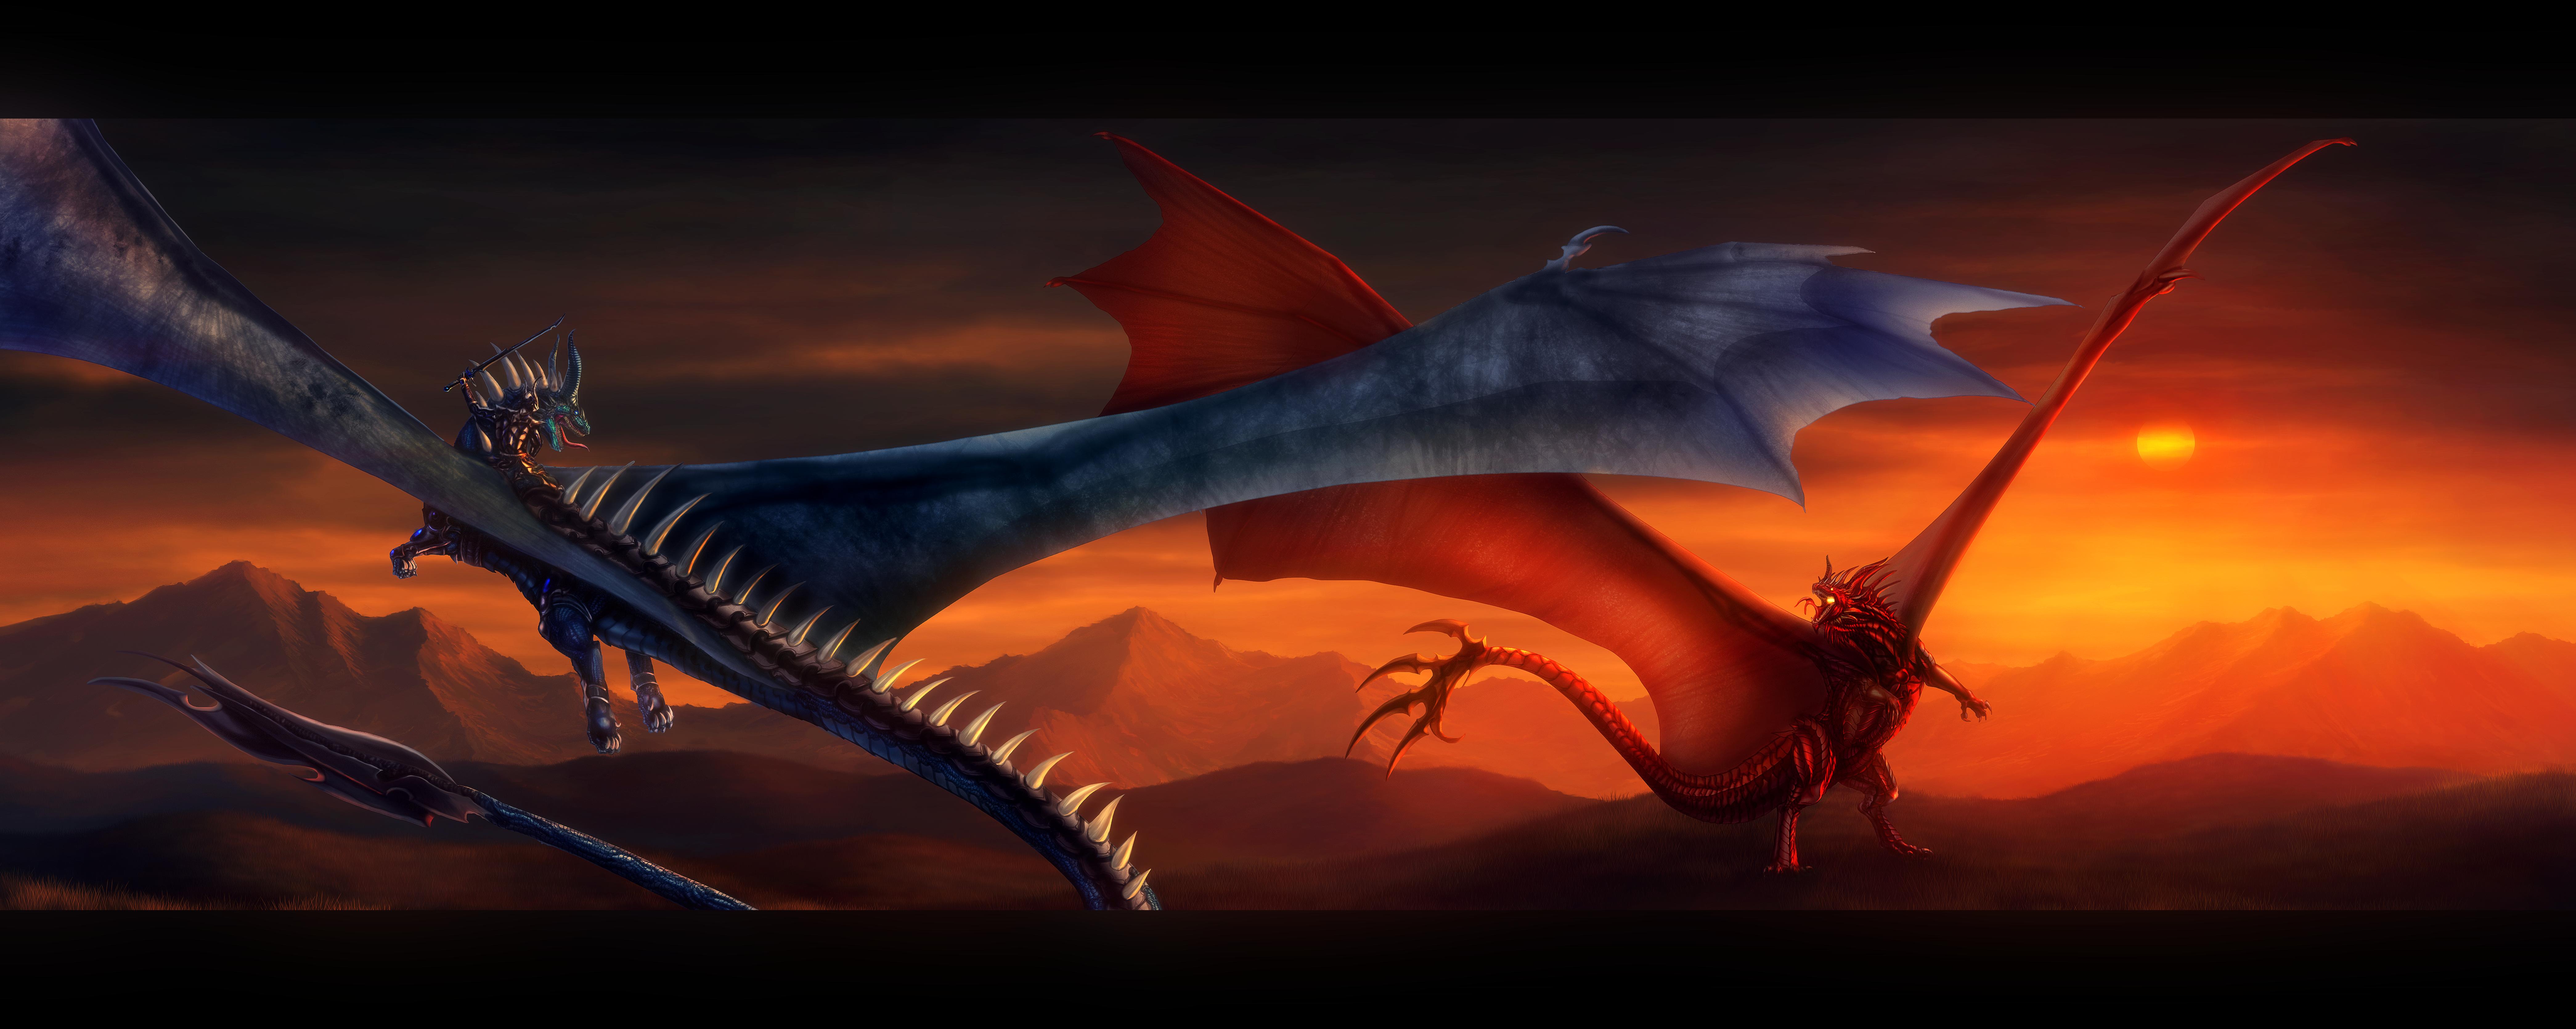 eragon thorn - photo #21